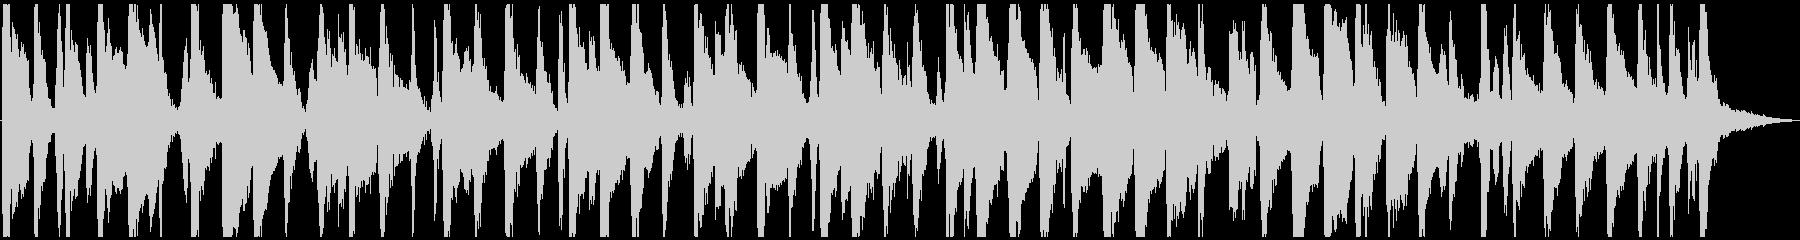 ジプシージャズ/ホットクラブオブフ...の未再生の波形